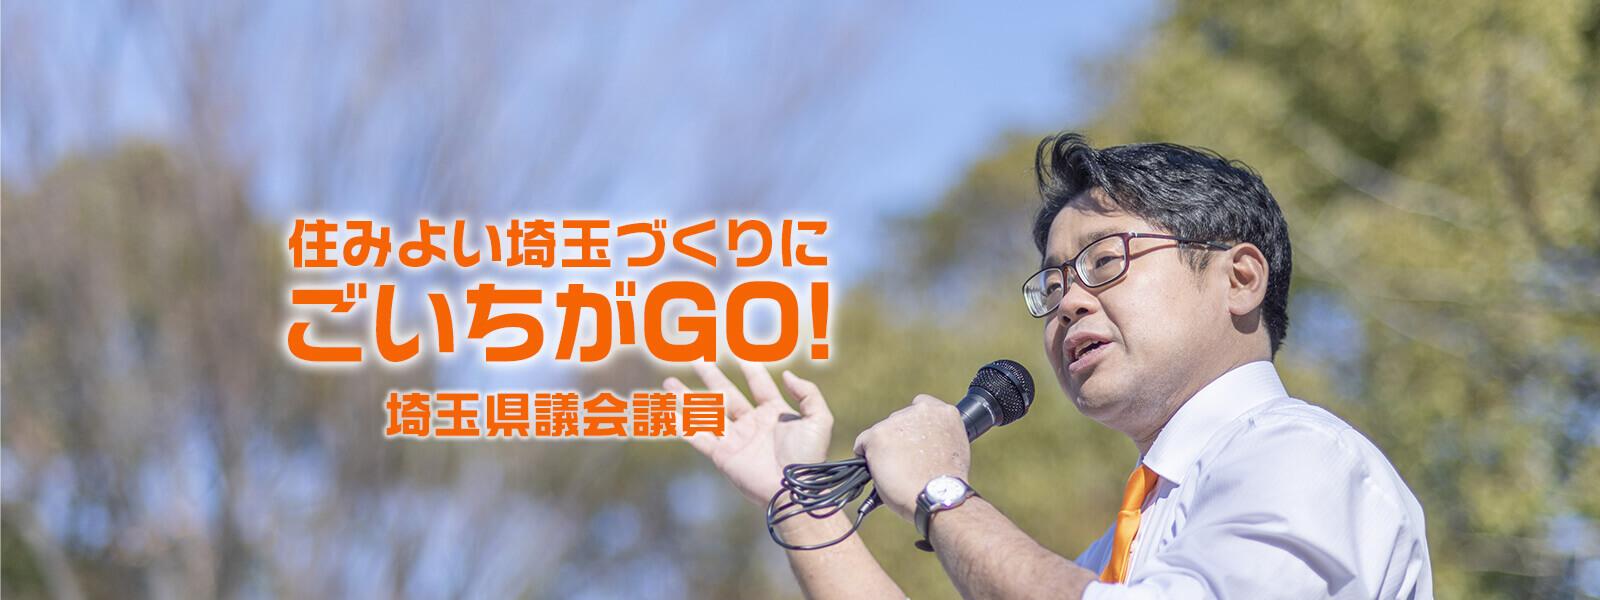 住みよい埼玉づくりにごいちがGO!埼玉県議会議員